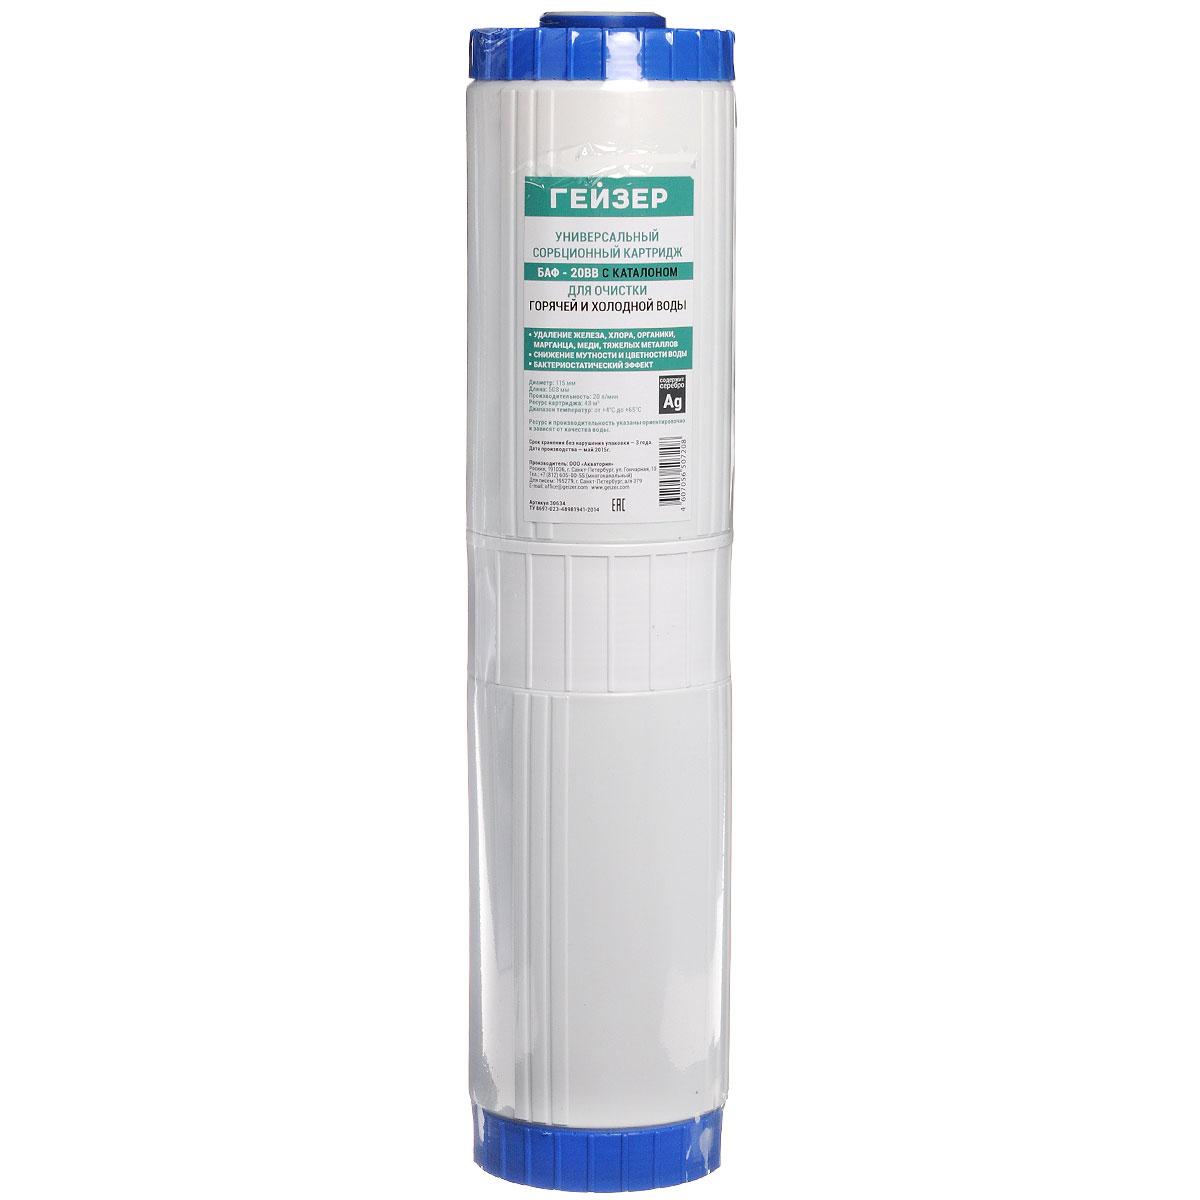 Картридж универсальный ГейзерБАФ 20 BB30634Картридж Гейзер БАФ 20BB. Предназначен для очистки питьевой воды и может быть использован как одноступенчатый фильтр, так и в составе тройки на 2-ой и 3 –й ступени. Эффективно удаляет:твердые частицы, хлор, хлорорганические соединения, бензол, фенол, органические соединения, нефтепродукты, пестициды, железо, медь, марганец, ртуть, ионы тяжелых металлов, мутность, цветность, неприятные привкусы и запахи, бактерии и вирусы определенного ряда и др. Основное предназначение очистка воды от остаточного хлора, органических соединений и железа при содержании до 2 мг/л. Универсальный картридж – сохраняет эффективность при среднесуточном потреблении воды 7л на протяжении 300 дней и имеет ресурс эксплуатации без забивания -48 000 л. Диаметр картриджа: 11,5 см. Длина: 50,8 см. Диапазон температур: от +4°С до 40°С.